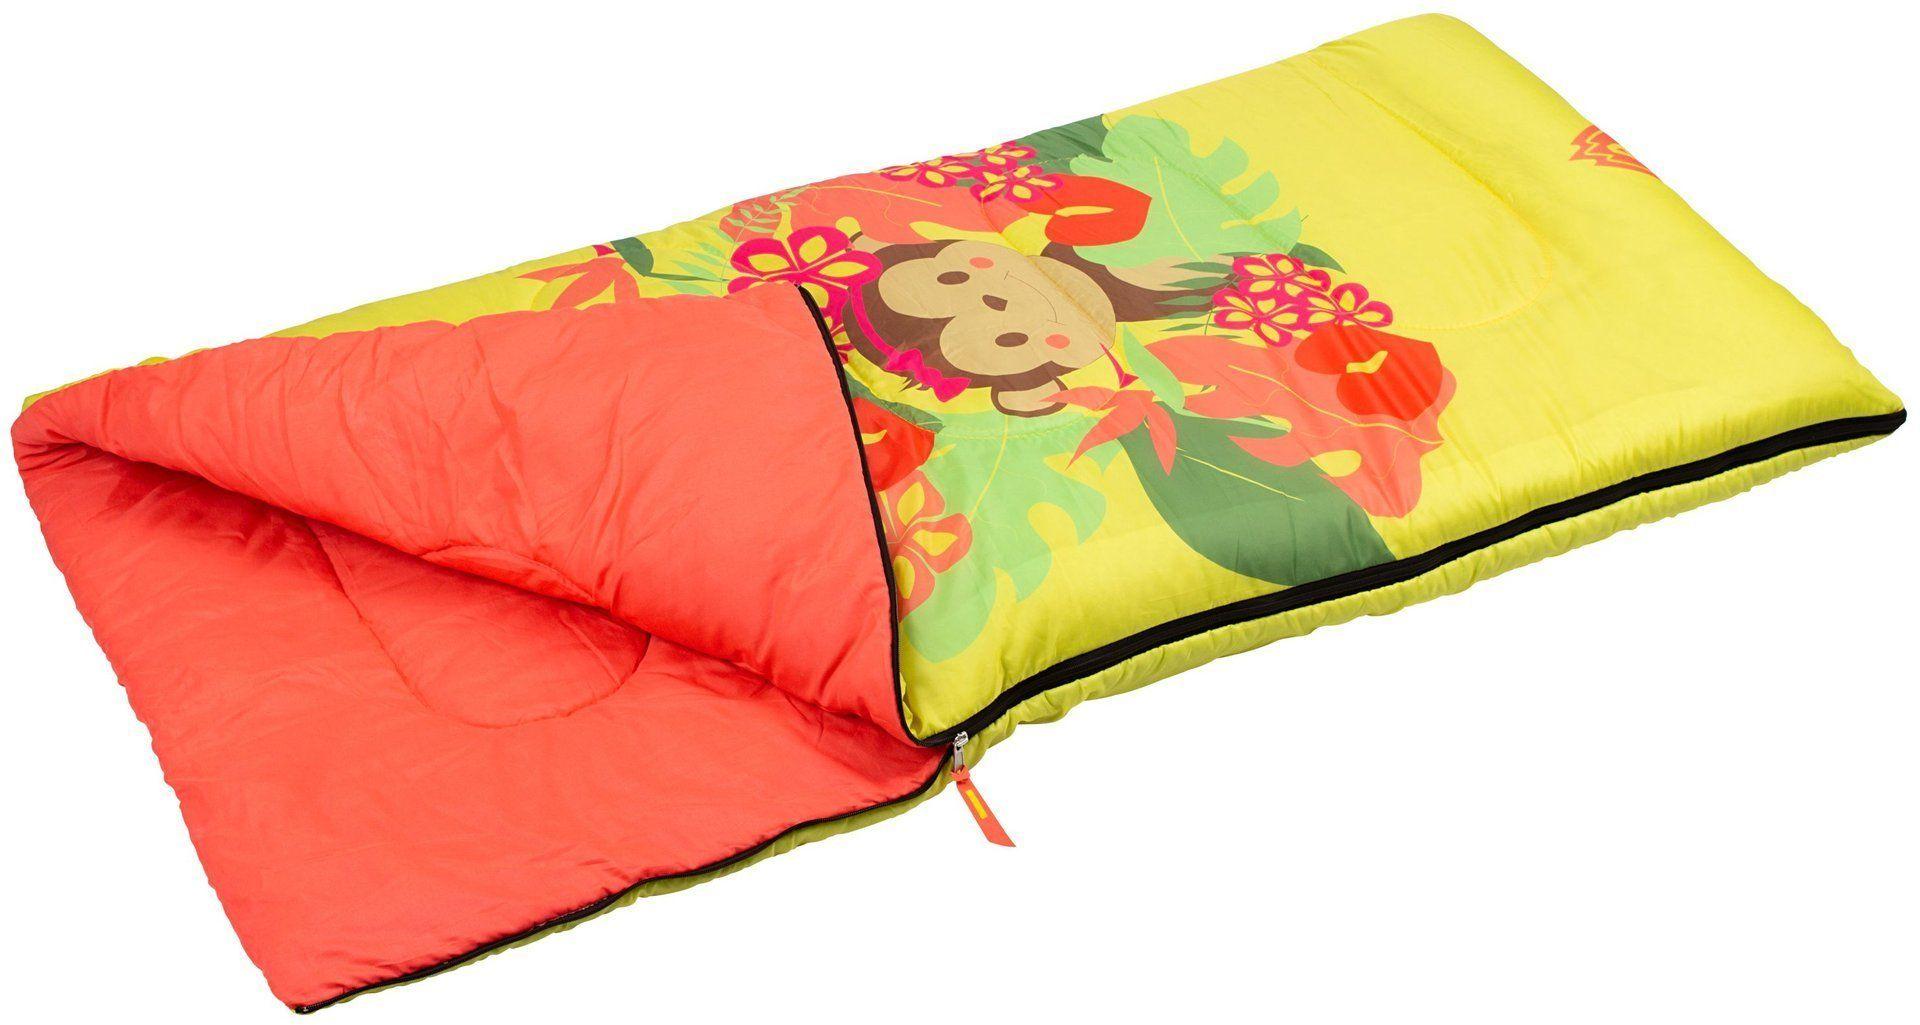 Śpiwór turystyczny dla dzieci Jungle Abbey